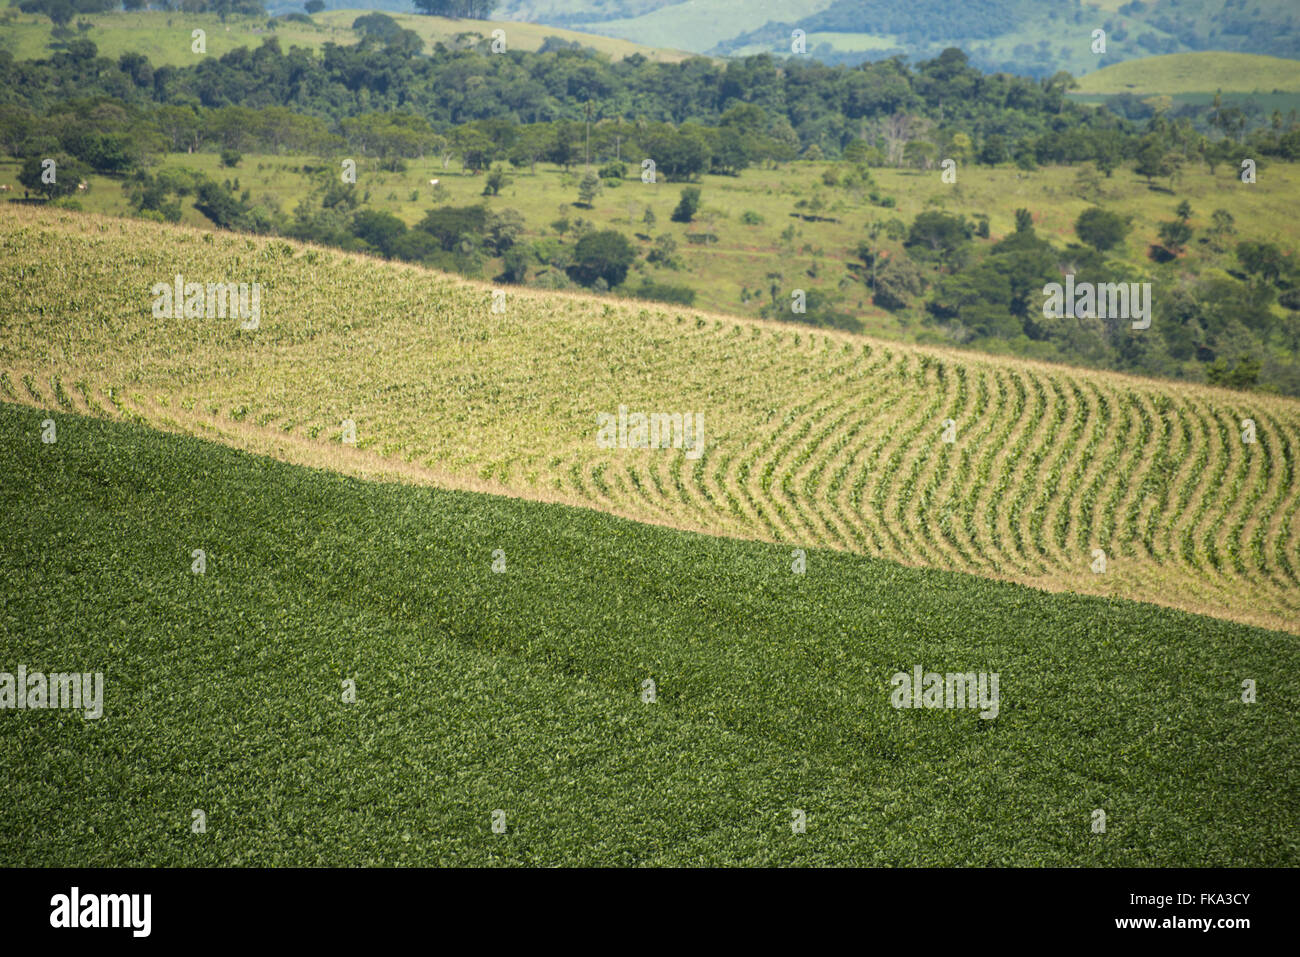 Pflanzung von Sojabohnen und Mais auf dem Lande - Fruchtfolge Stockbild